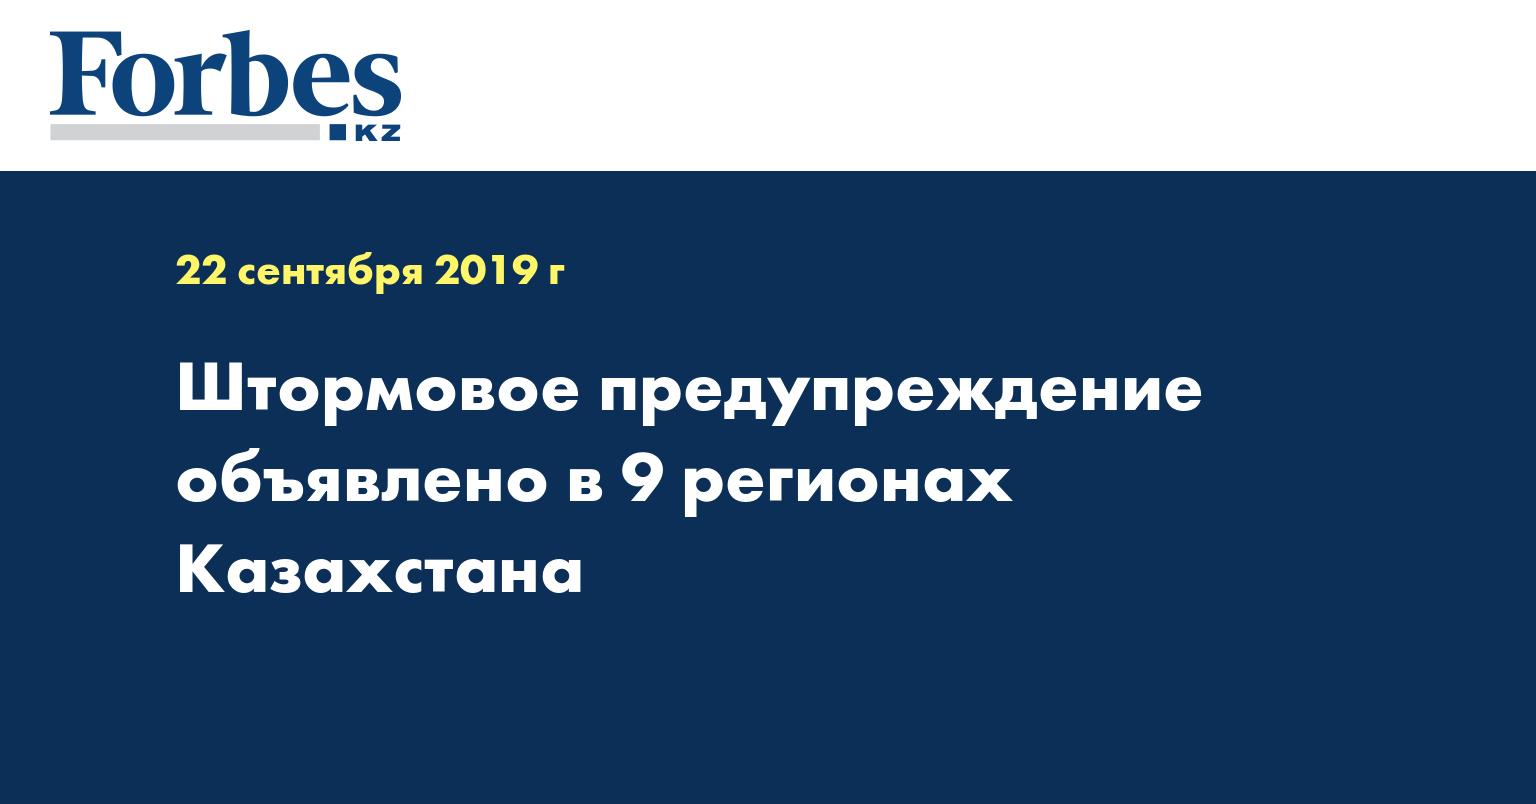 Штормовое предупреждение объявлено в 9 регионах Казахстана